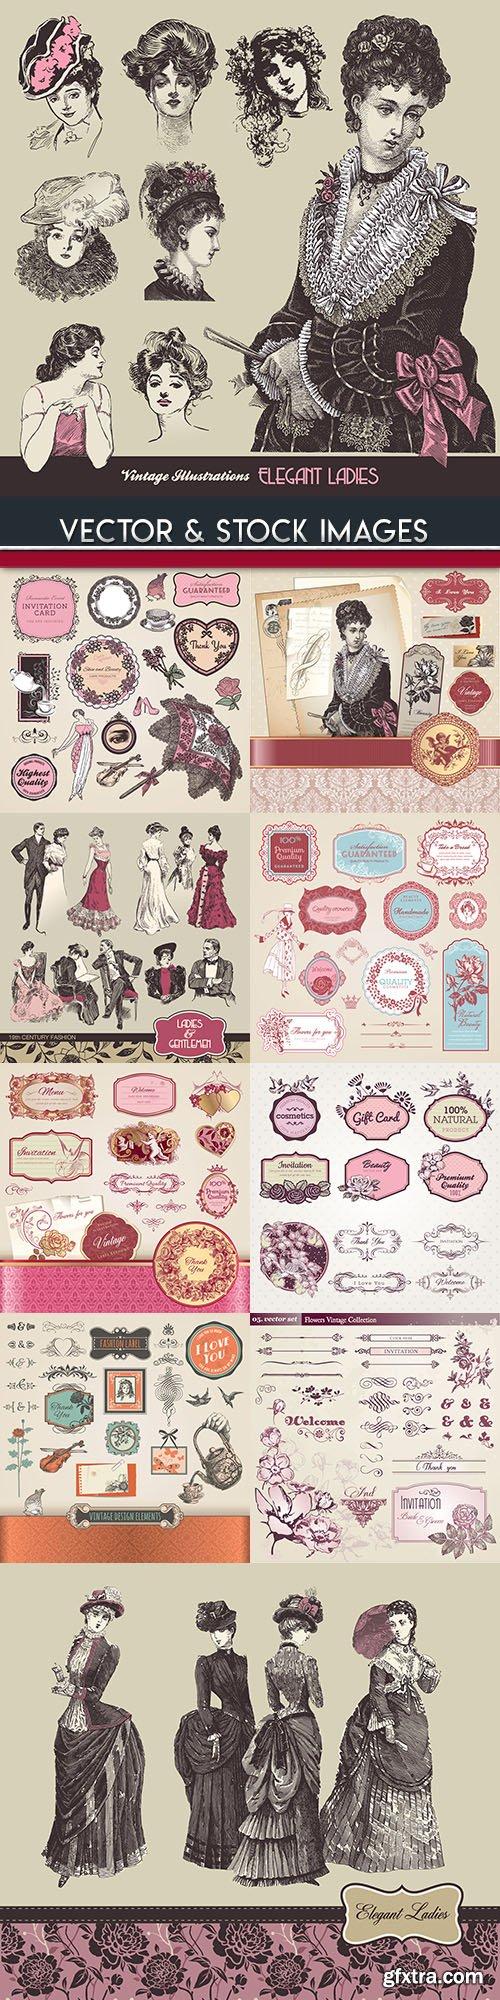 Elegant lady and decorative vintage labels illustration